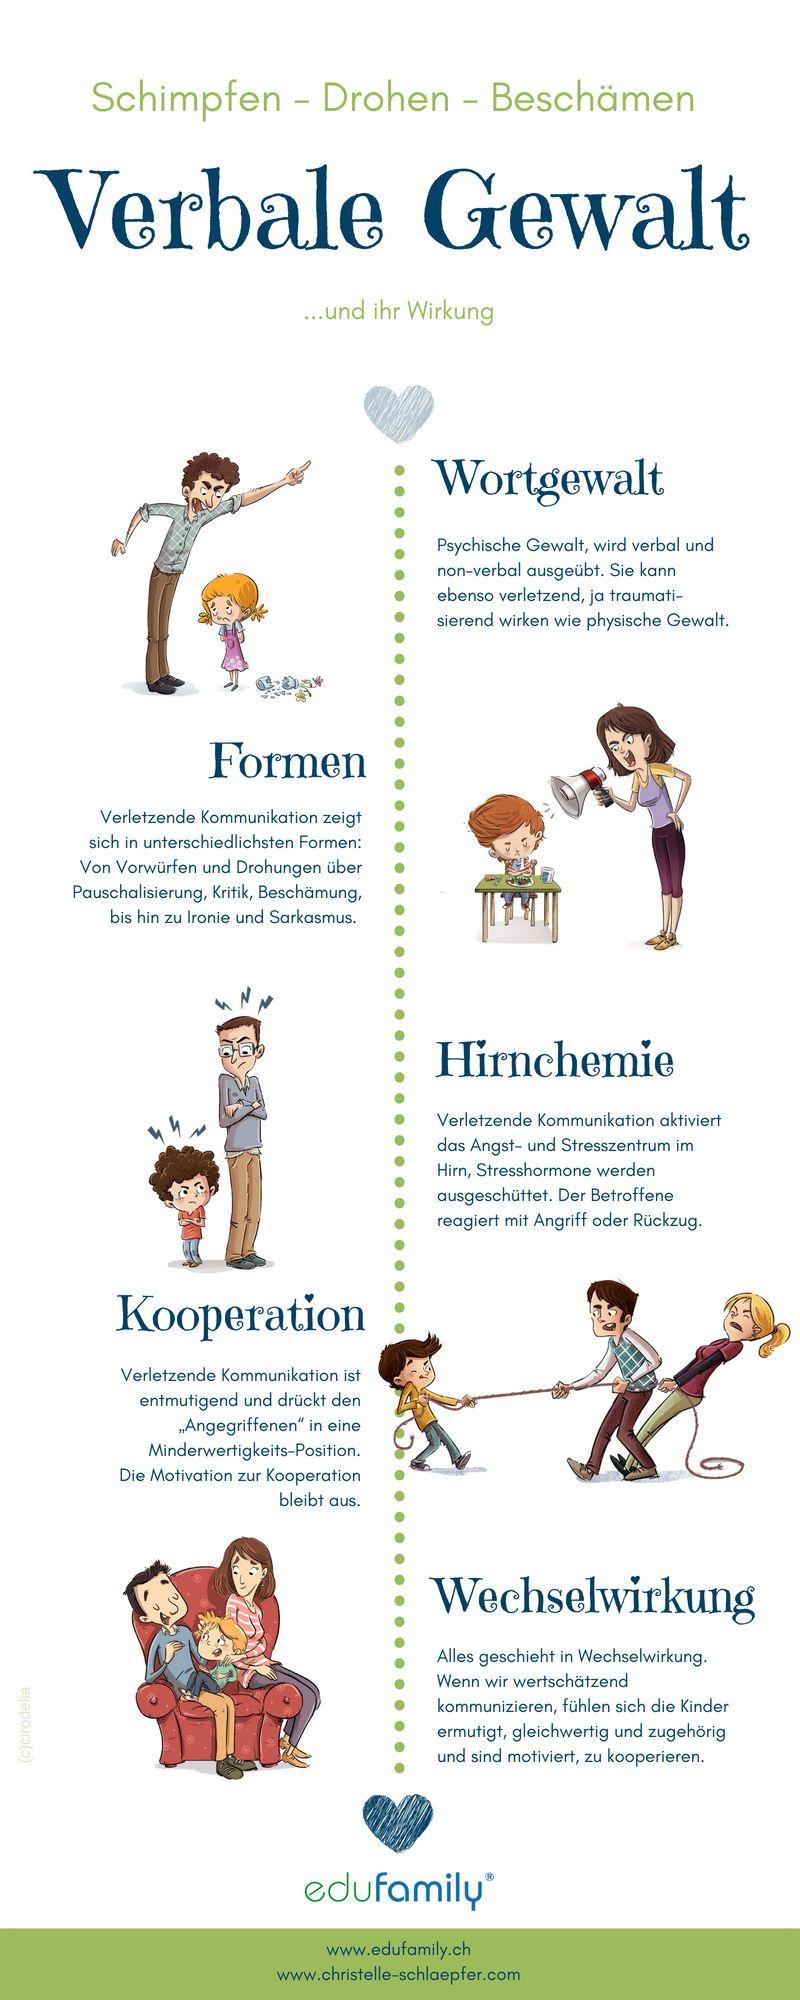 Gratis-Minikurs: Alternativen Zu Schimpfen, Drohen für Kindererziehung Tipps